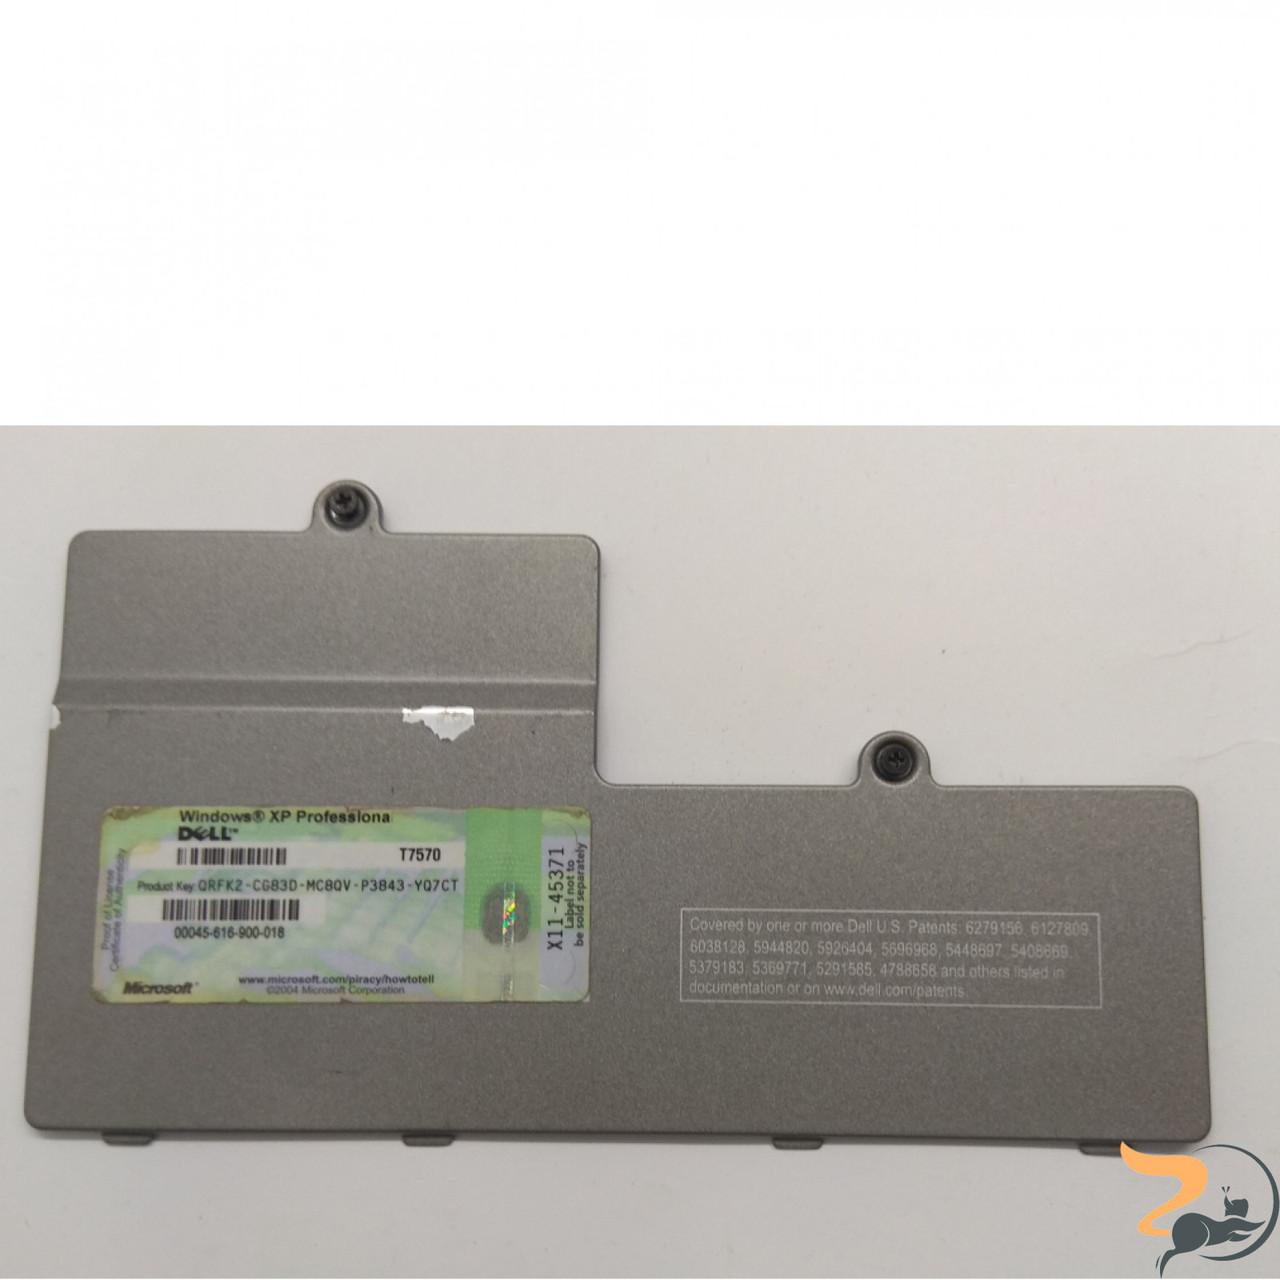 Сервісна кришка для ноутбука DELL LATITUDE D810, AMZKS00040L, Б/В. В хорошому стані,без пошкоджень. Є подряпини та потертості.